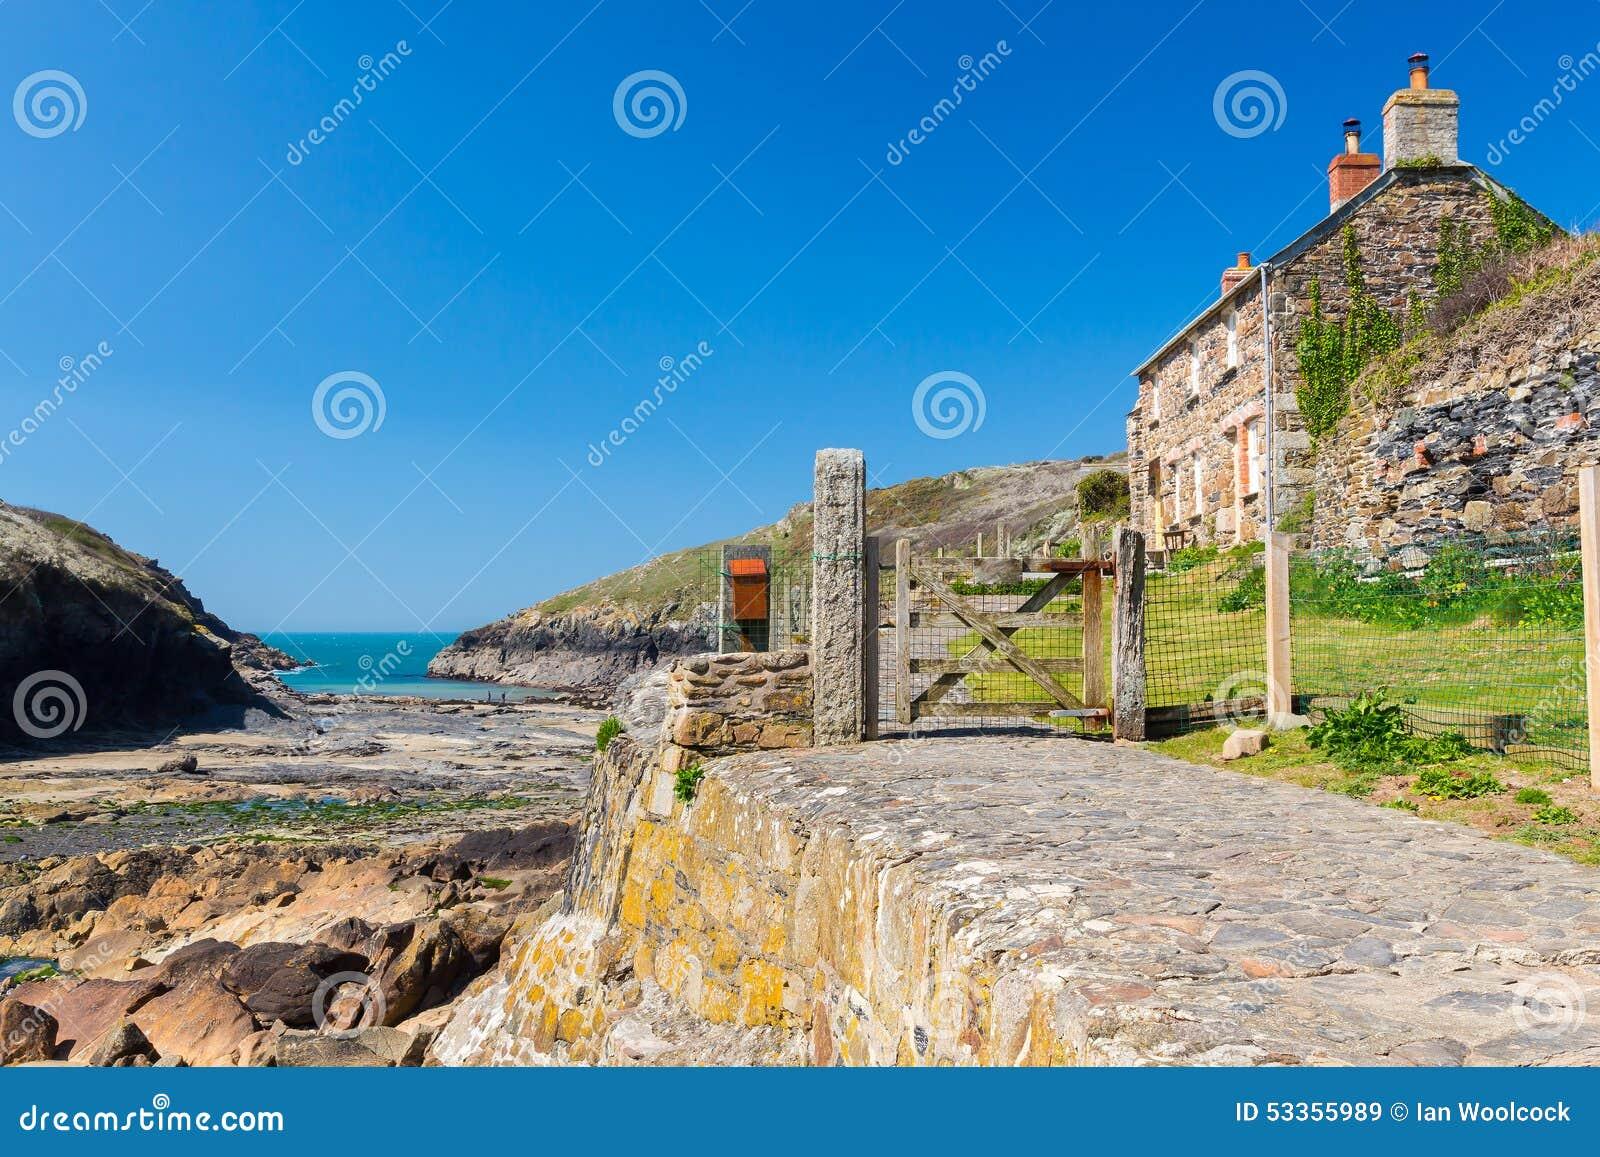 Porto Quin Cornwall England